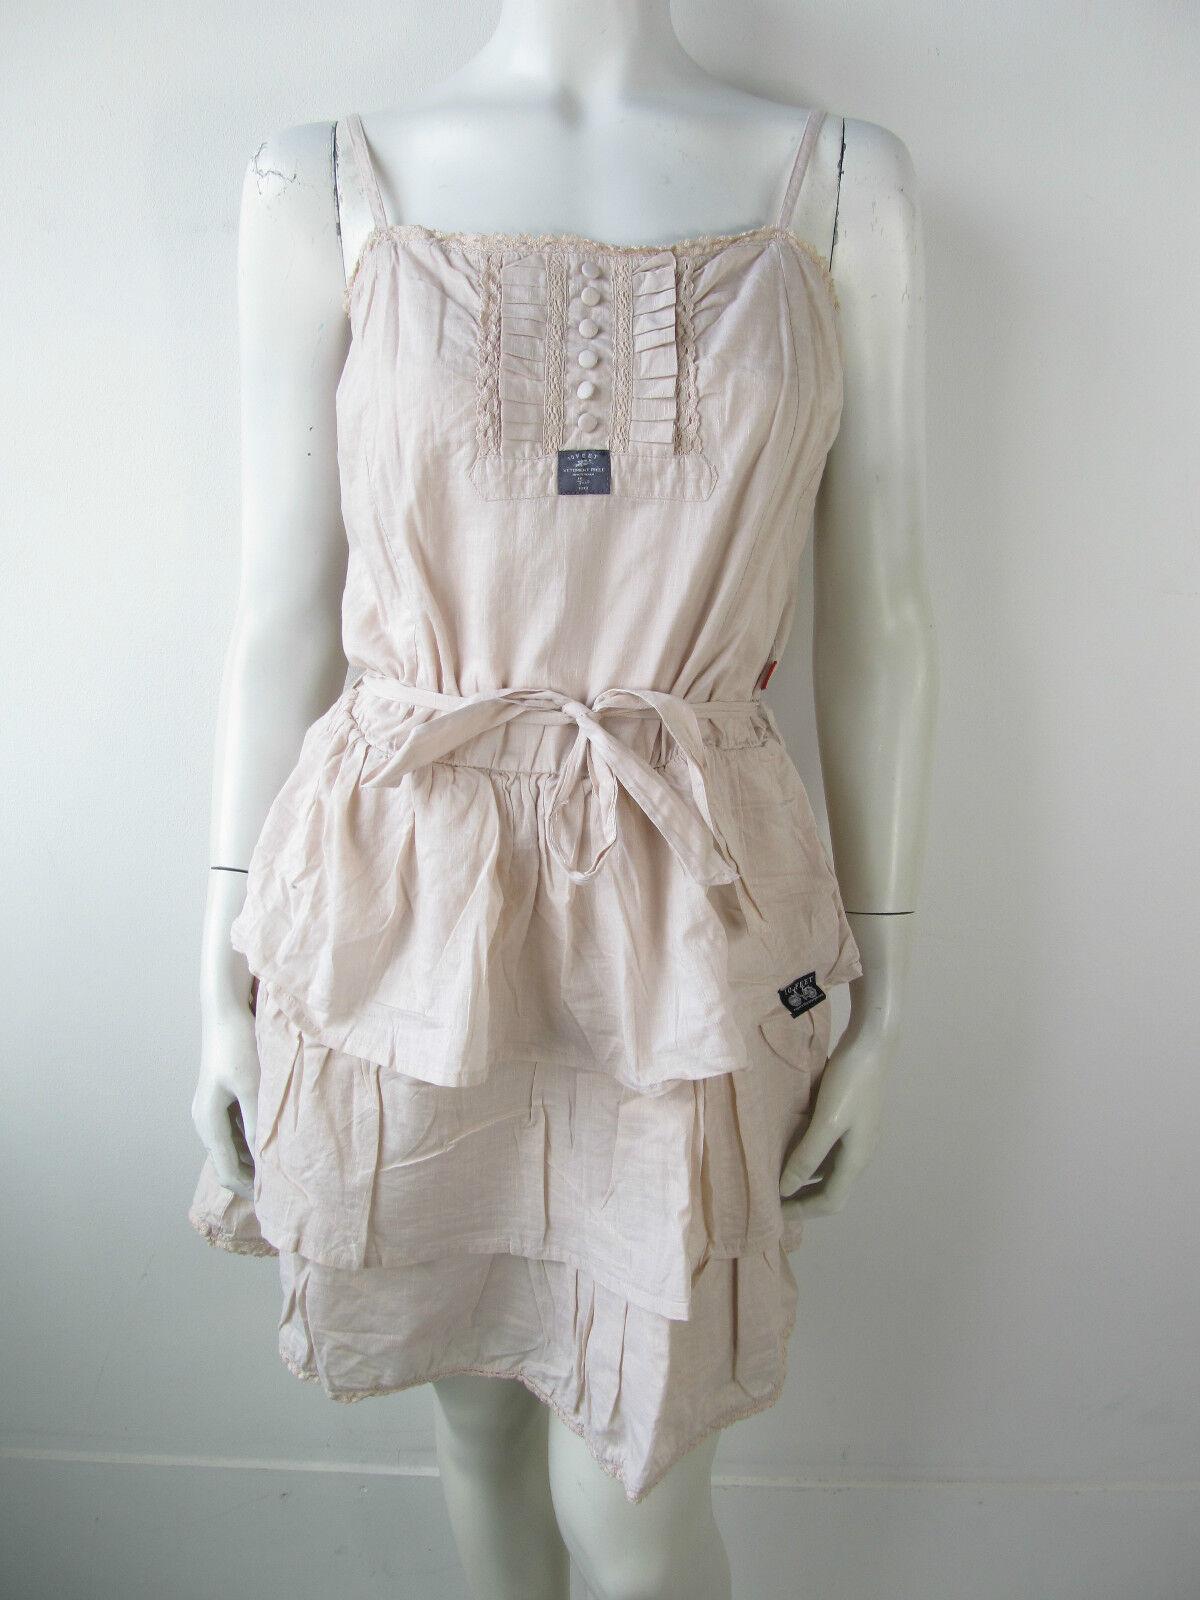 10Feet 10 Feet Jeans Kleid Kleed Dress Jurk Blaush Neu S